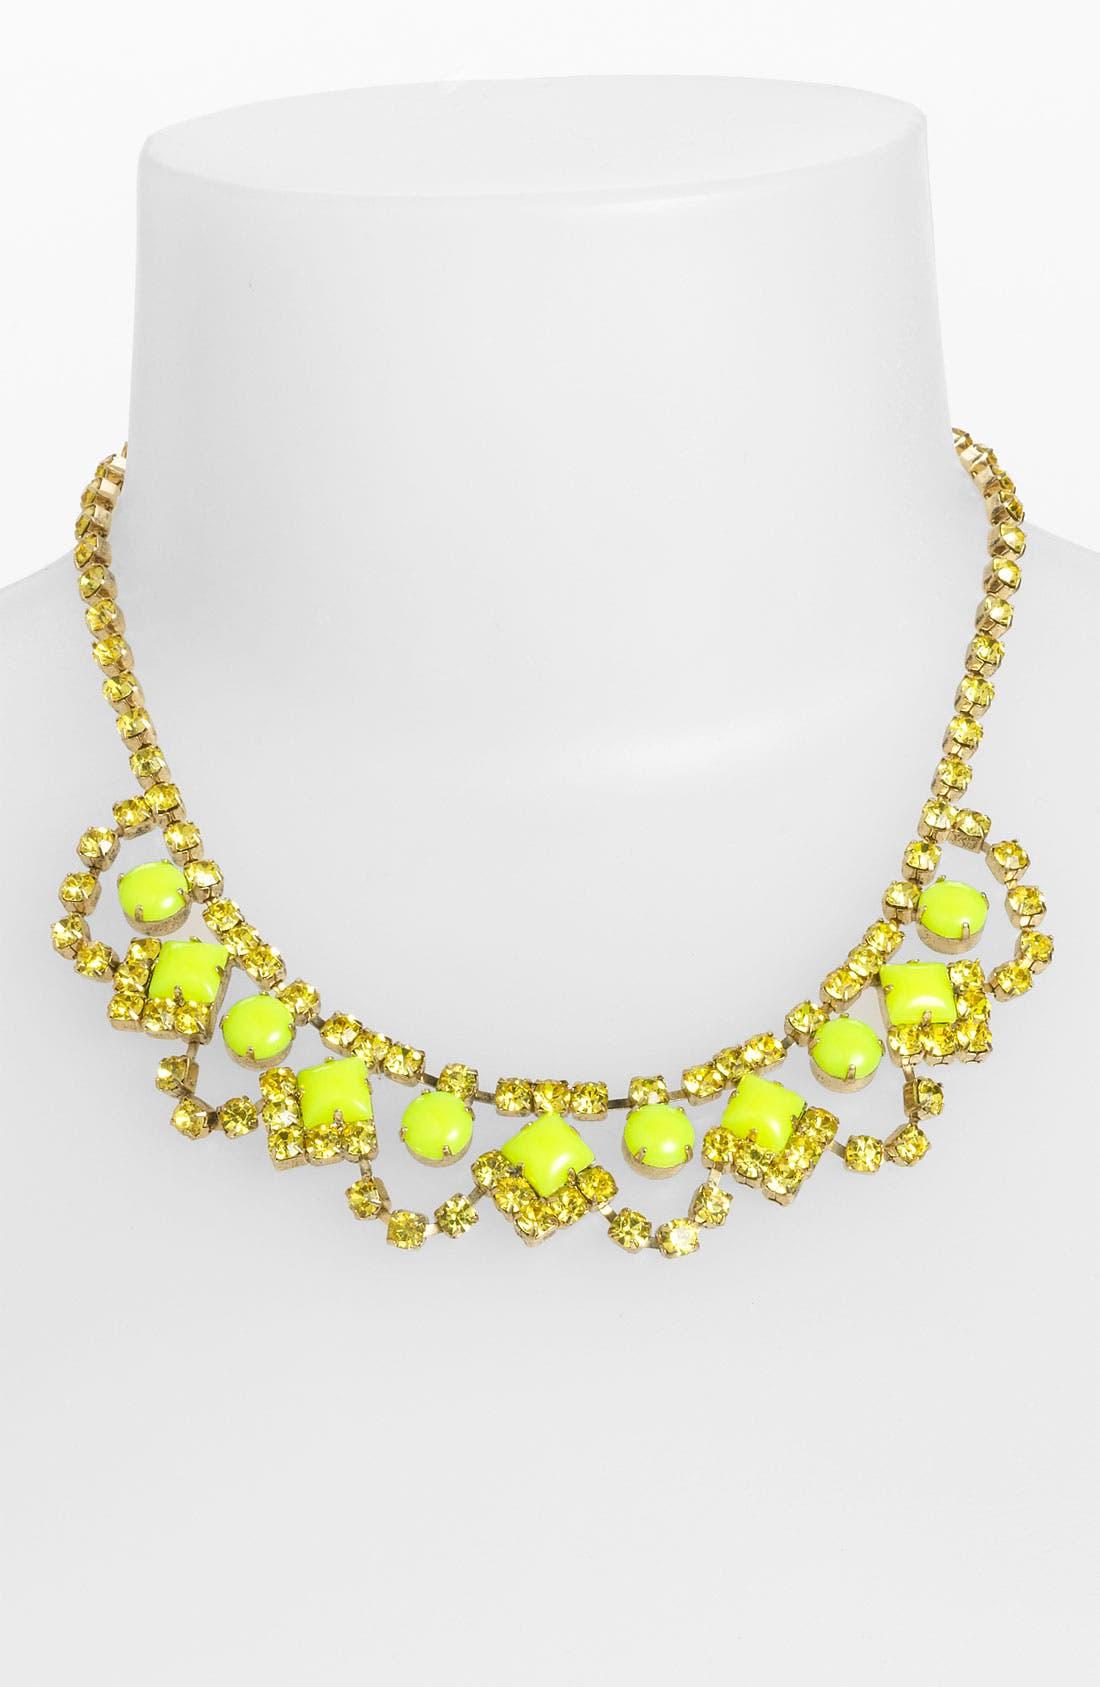 Main Image - Sweet Scandal 'Lulu' Crystal Necklace